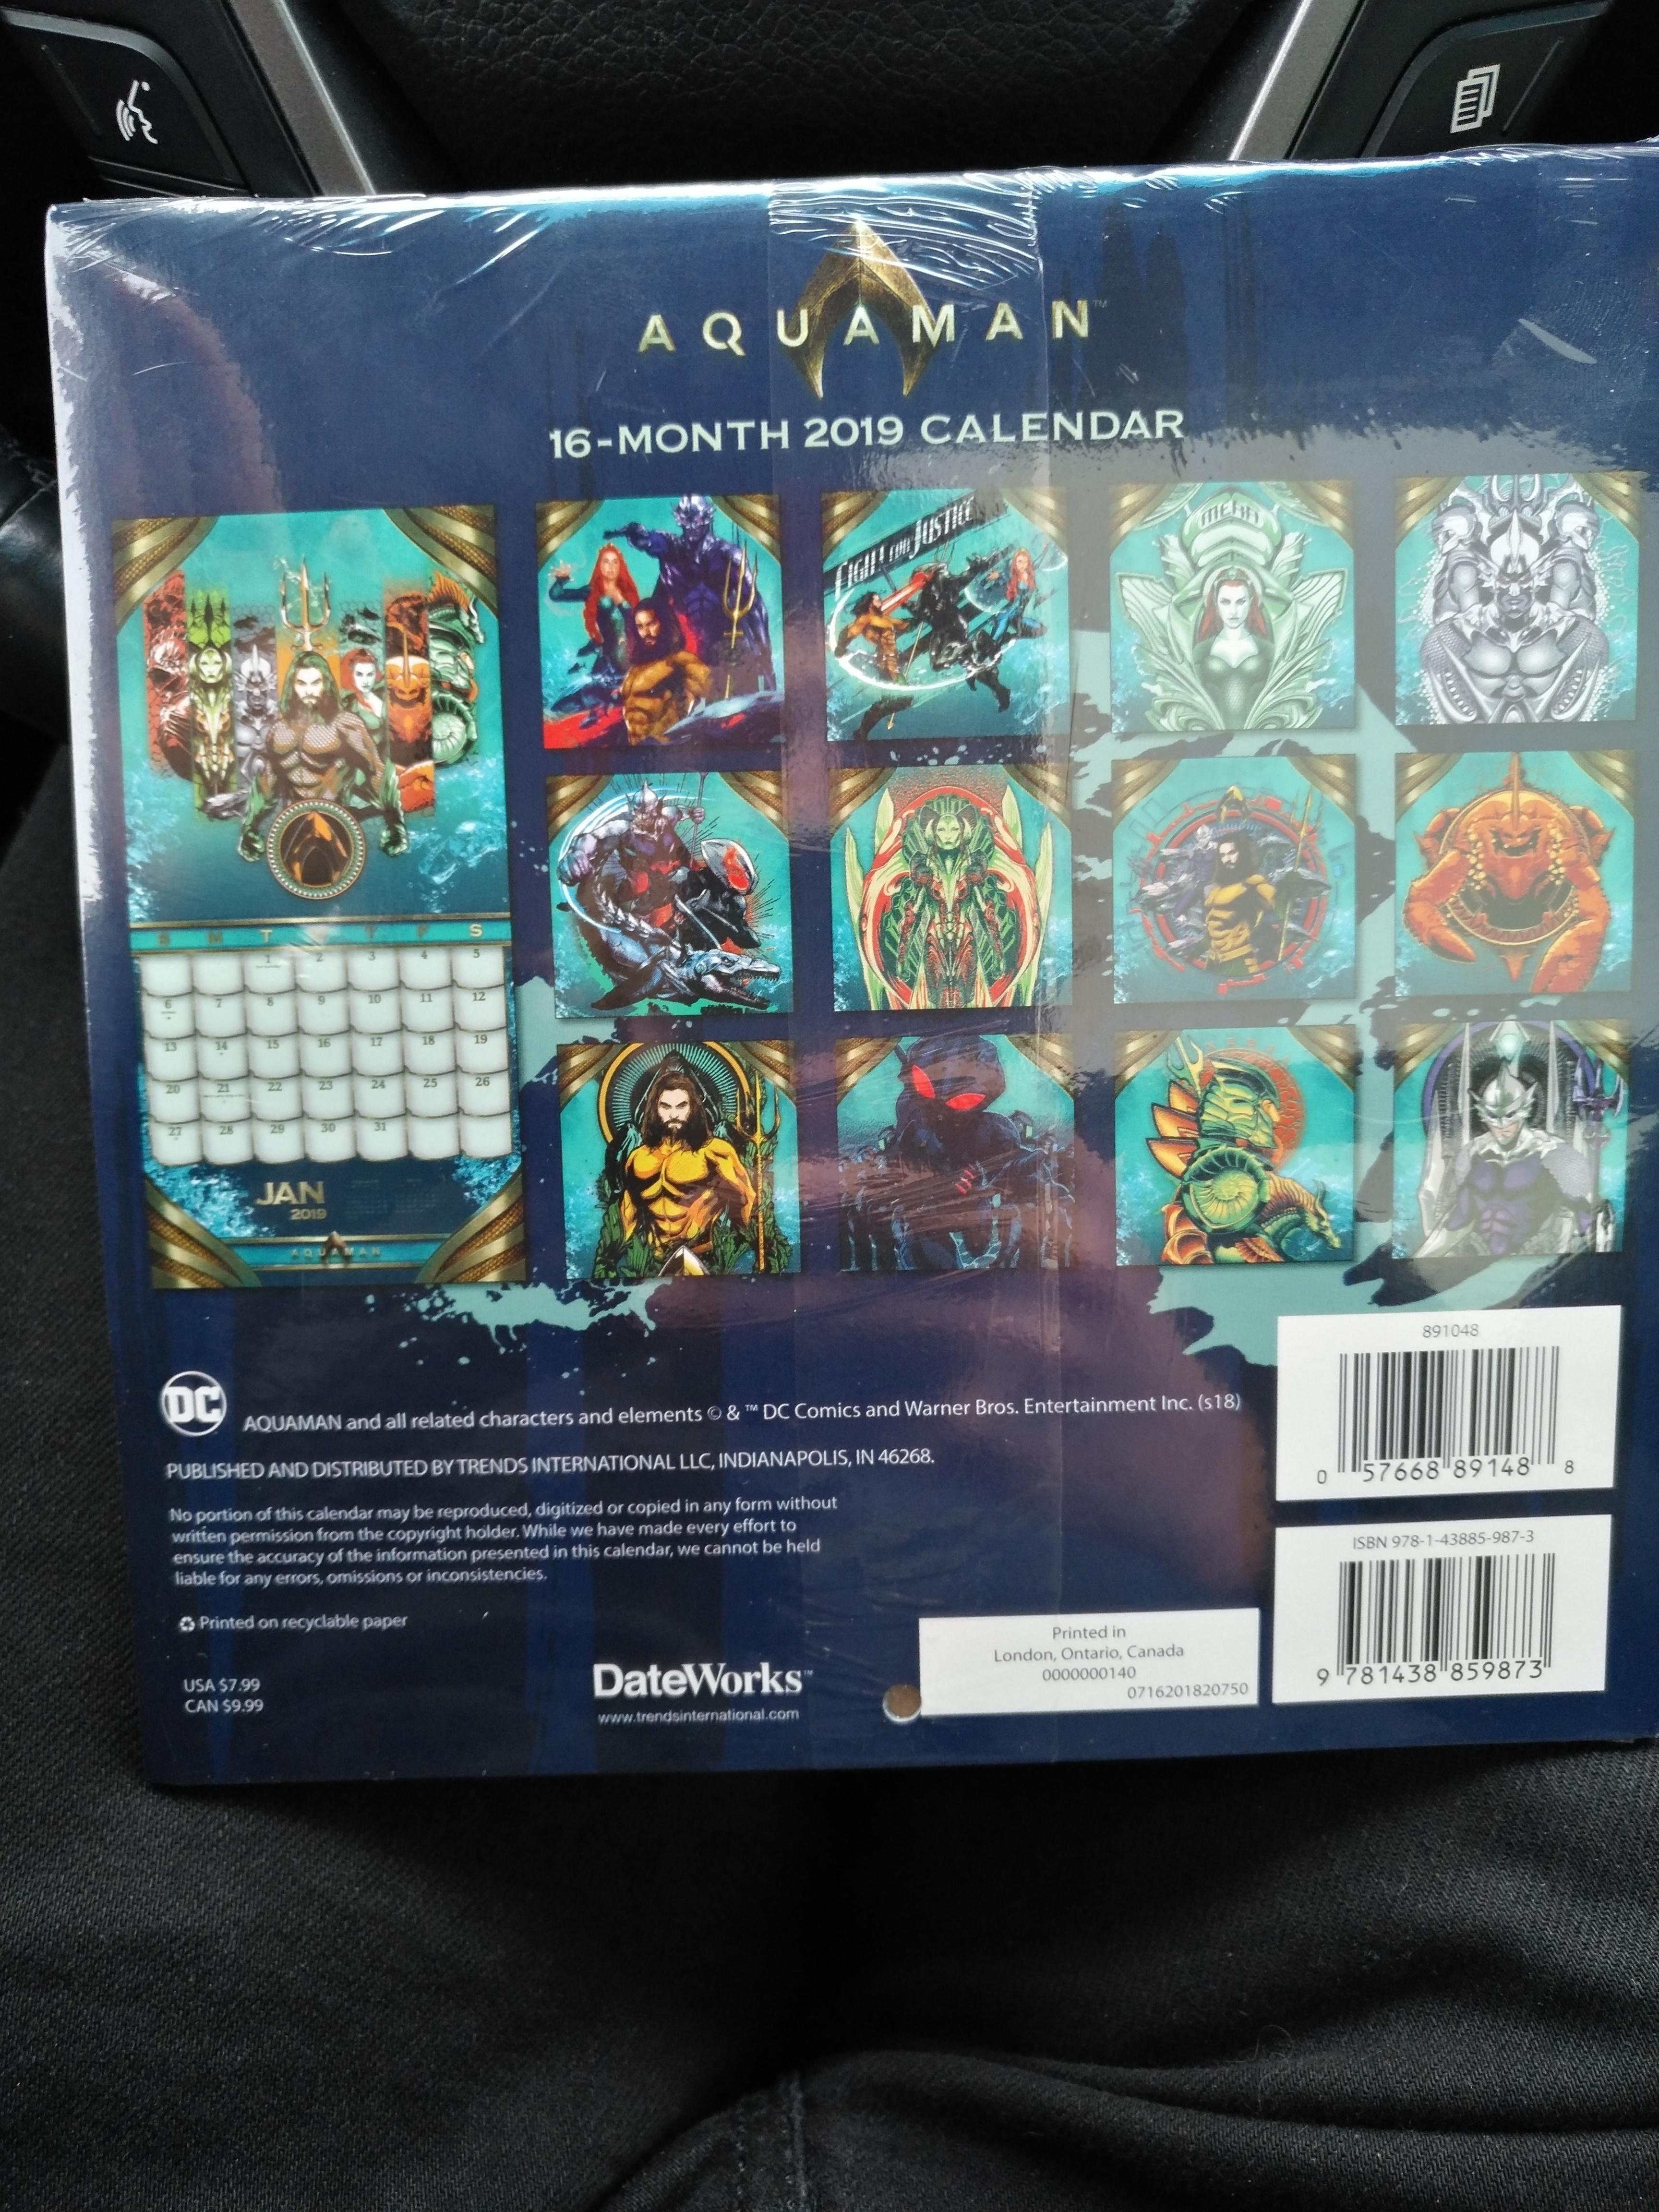 16 Month Mini Calendar At Wal-Mart (Canada) : Aquaman Calendar 2019 Walmart